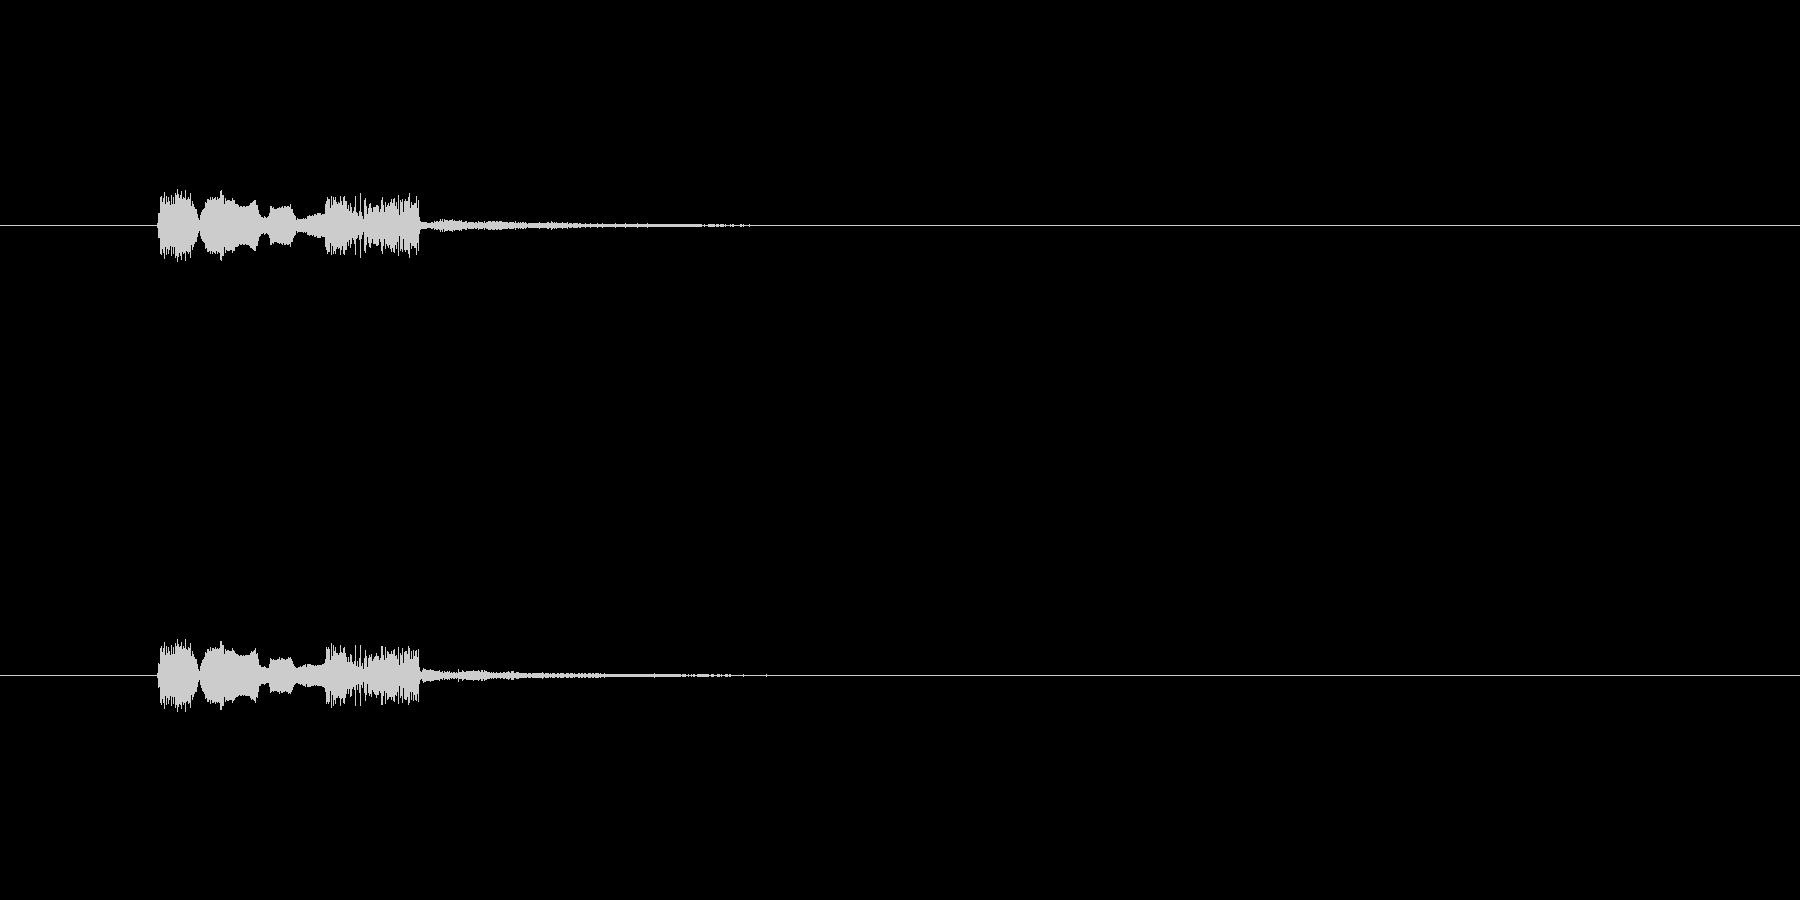 【サイバー15-1】の未再生の波形